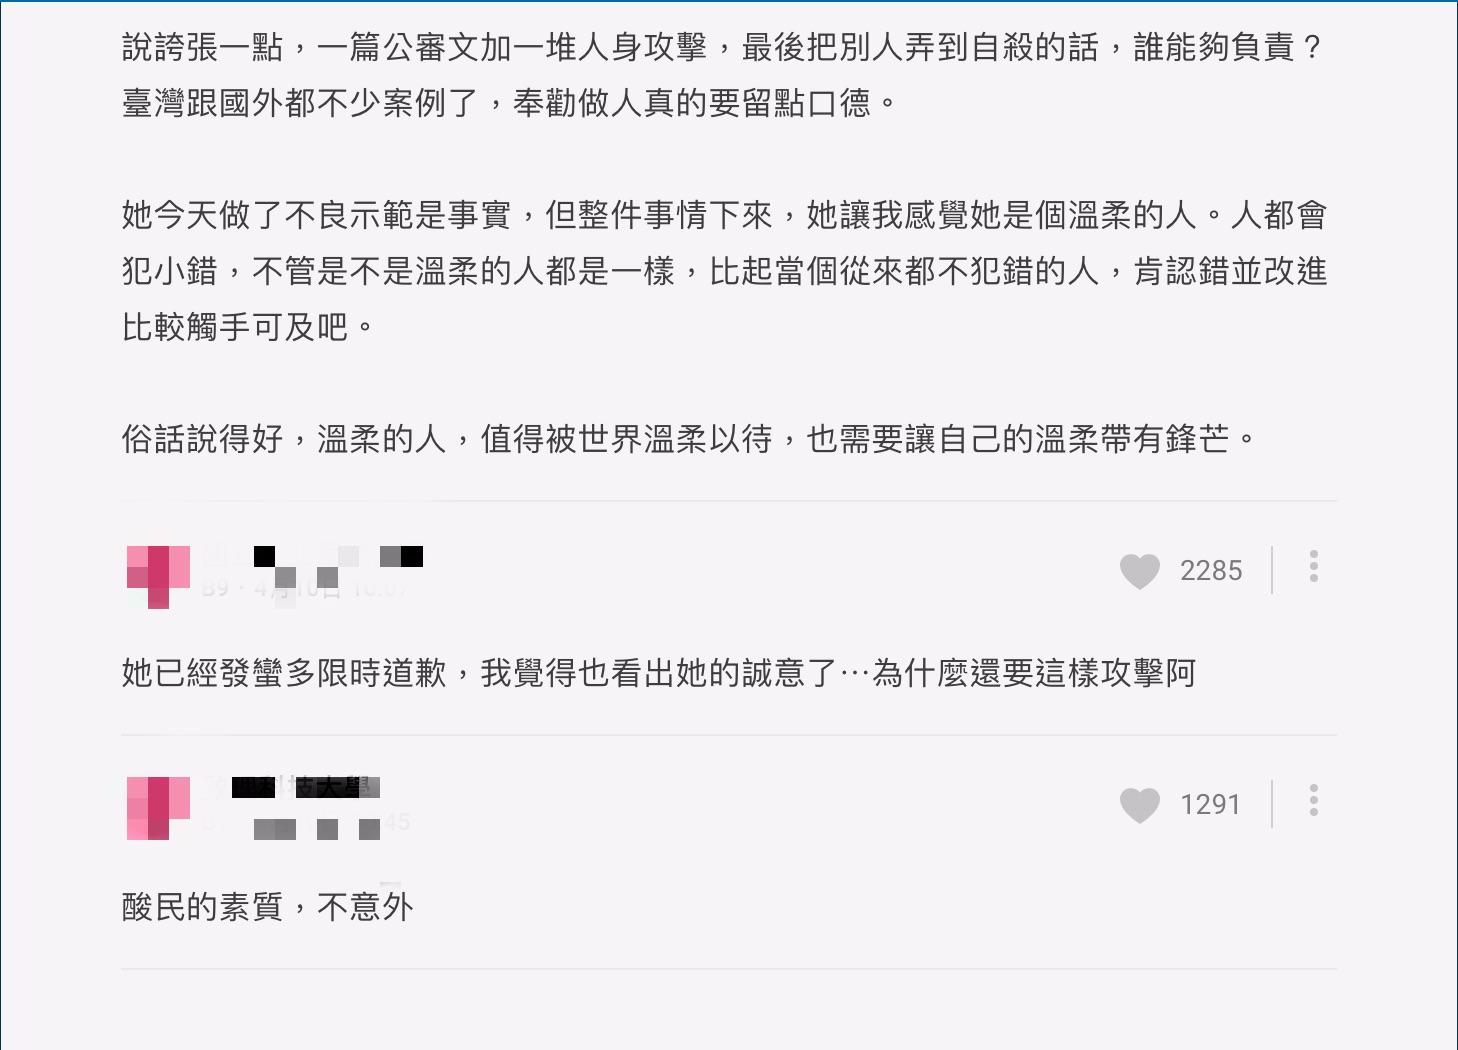 道歉仍遭酸民出征!蔡瑞雪被罵「女表子」、「女支女」 網抱不平:世界糟糕的原因